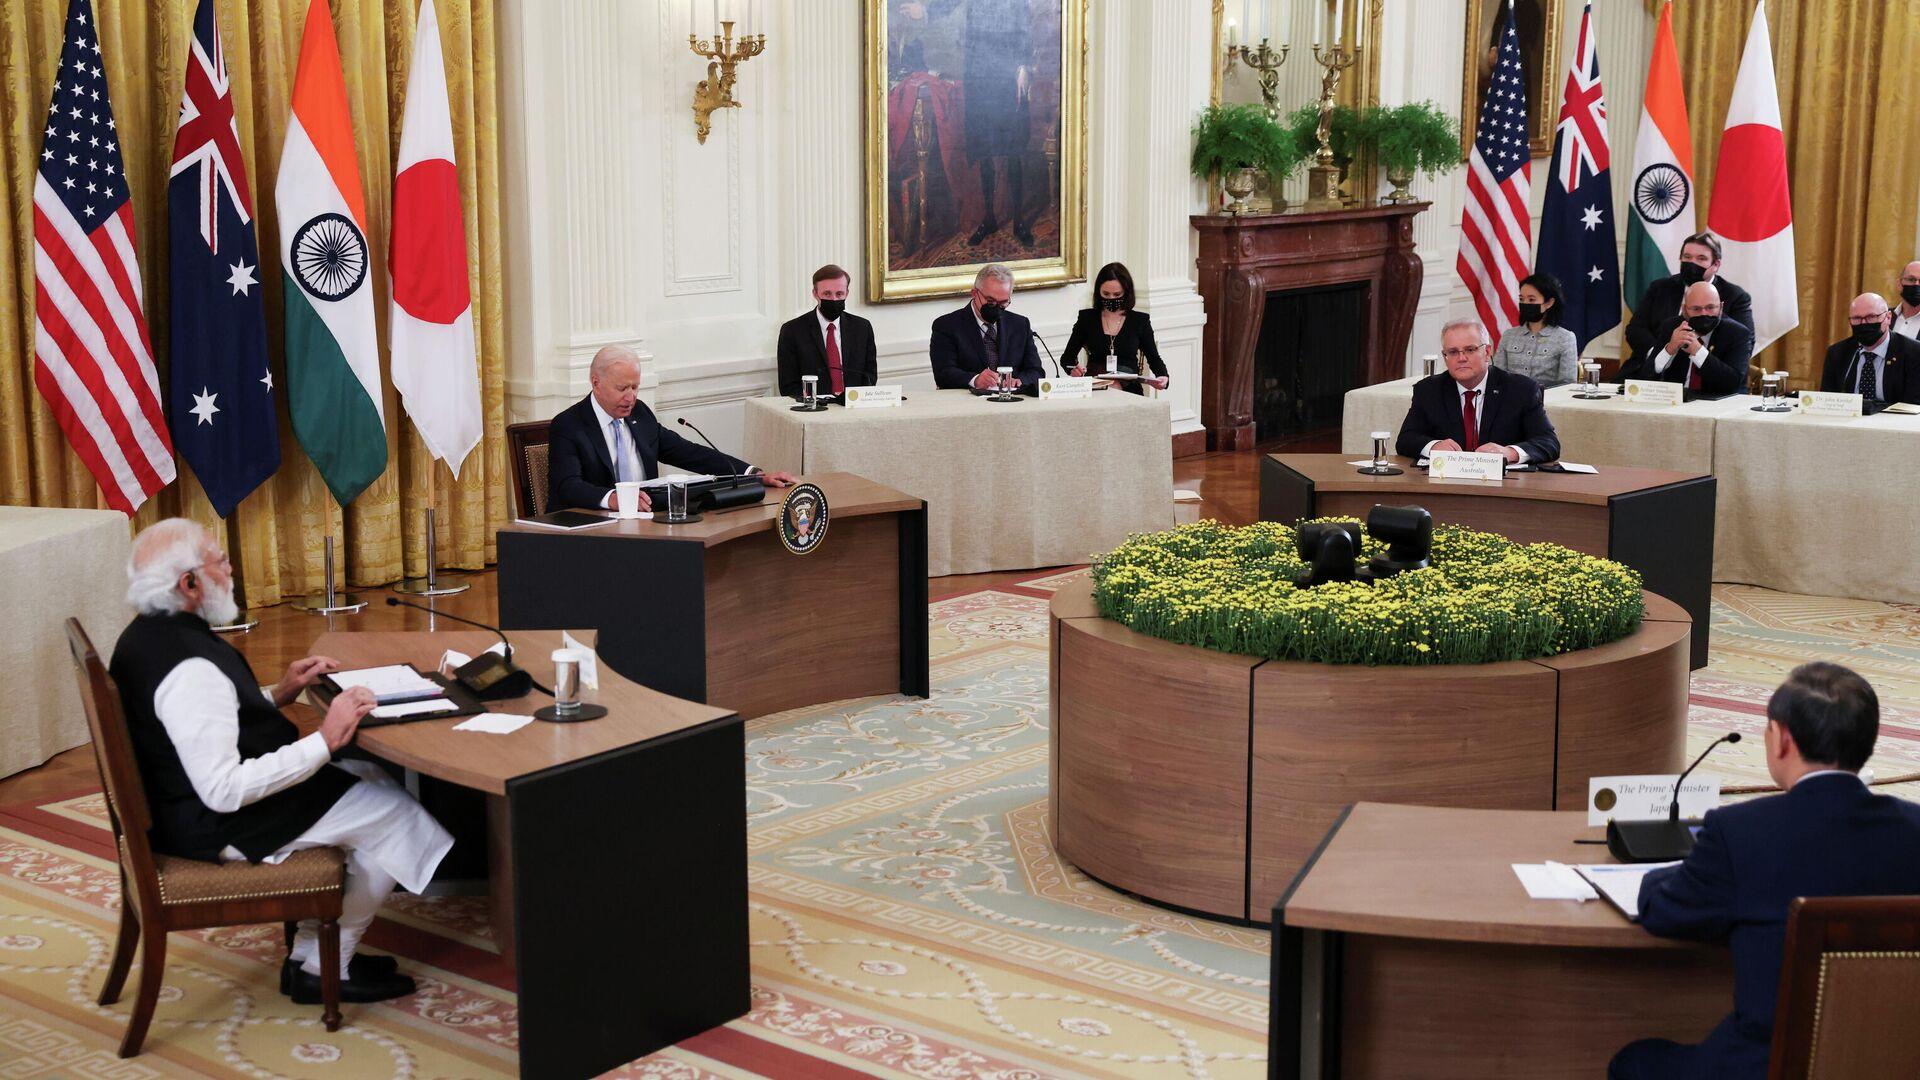 Los líderes del Quad se reúnen en la Casa Blanca el 24 de septiembre - Sputnik Mundo, 1920, 25.09.2021